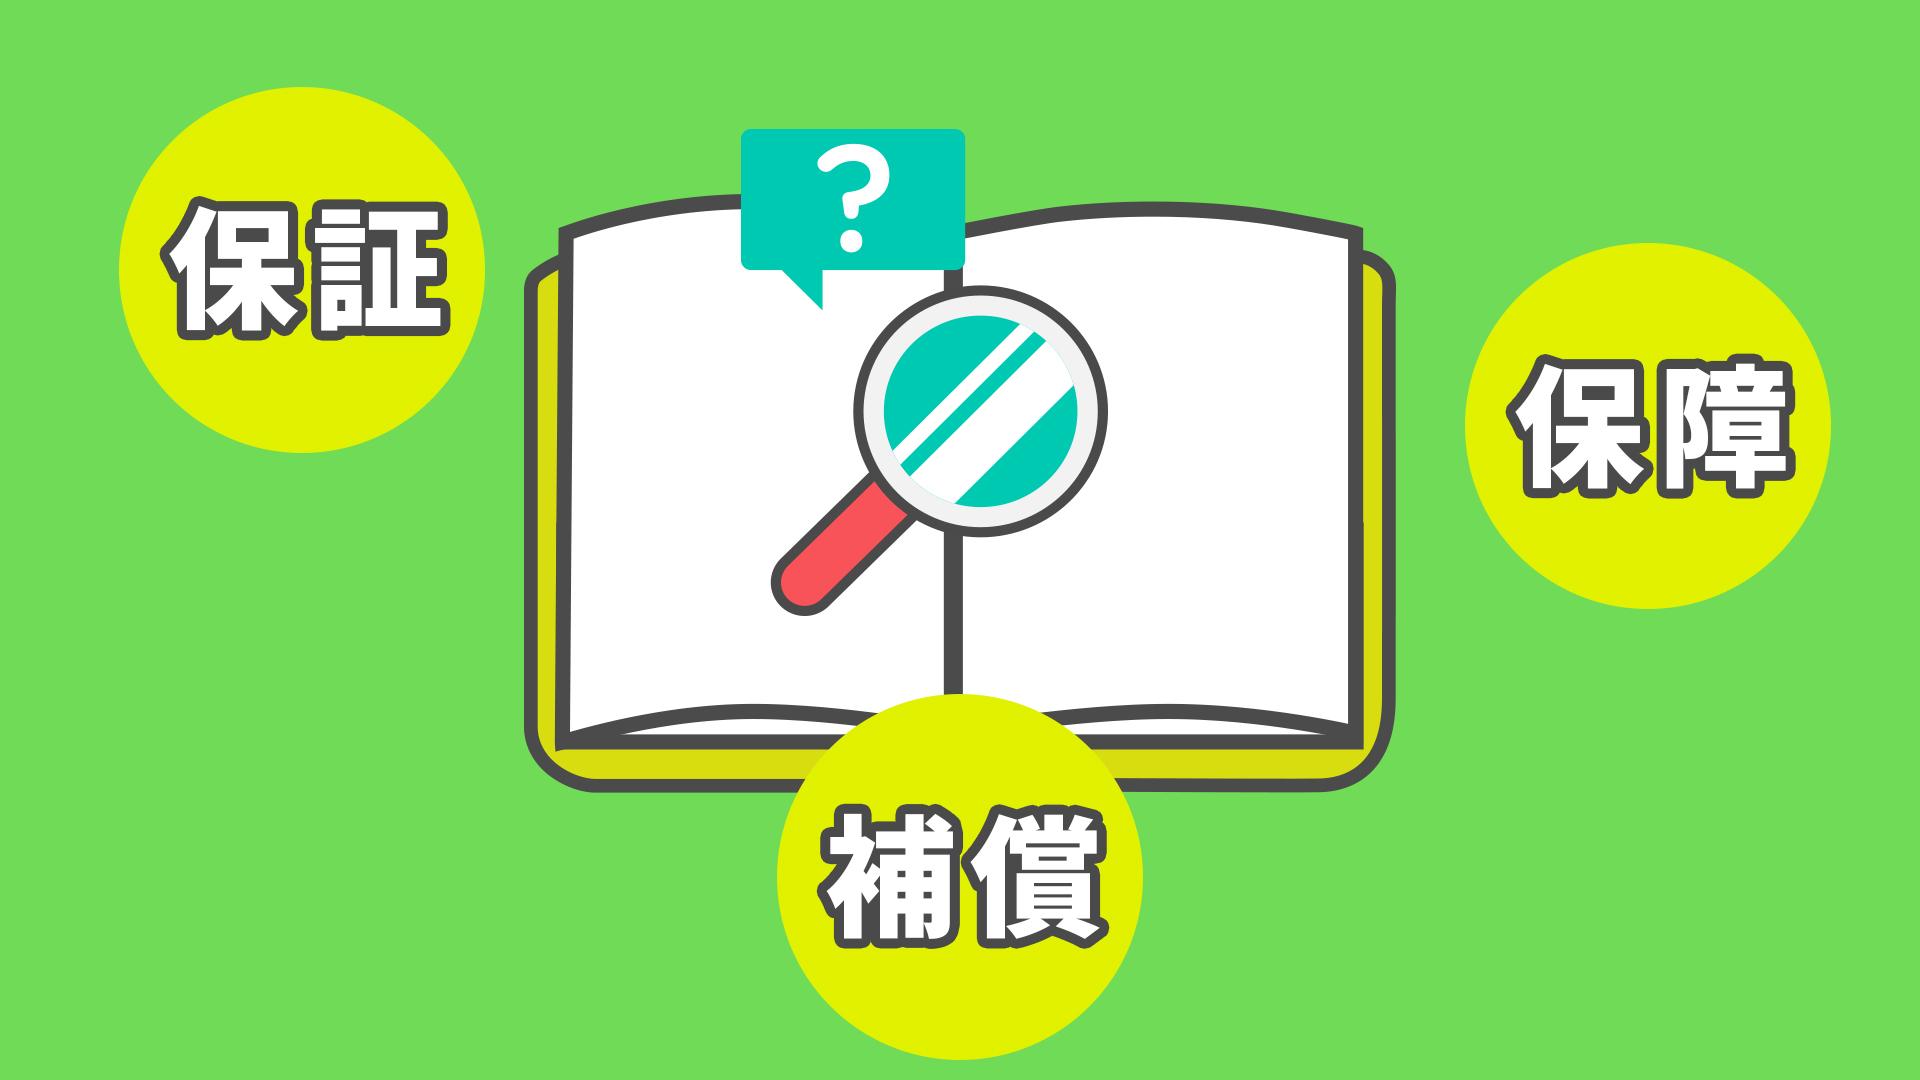 ほしょう(保証、補償、保障)の漢字と意味、使い方